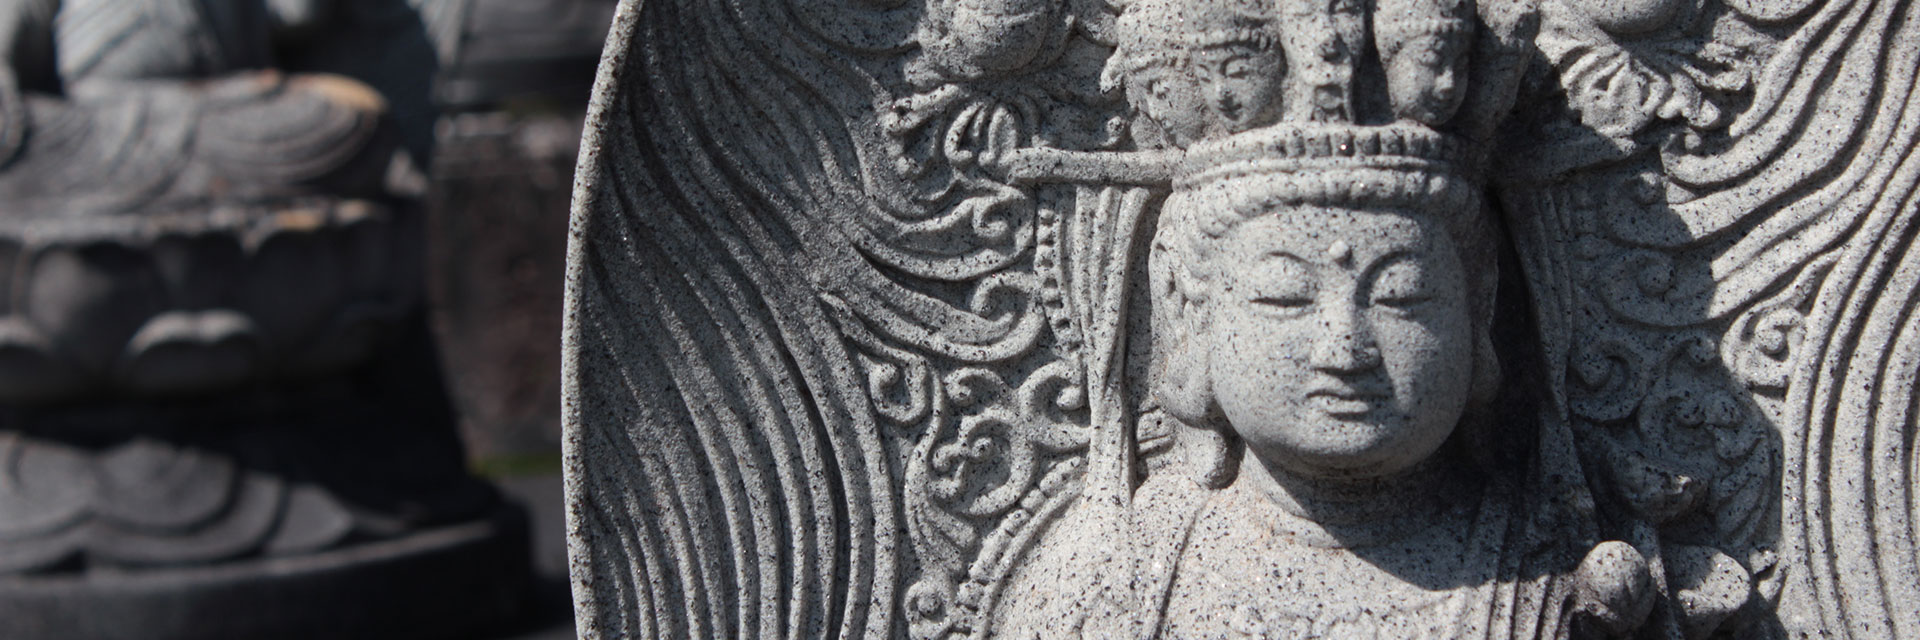 櫟野寺の山門前にある石仏の正面からの写真